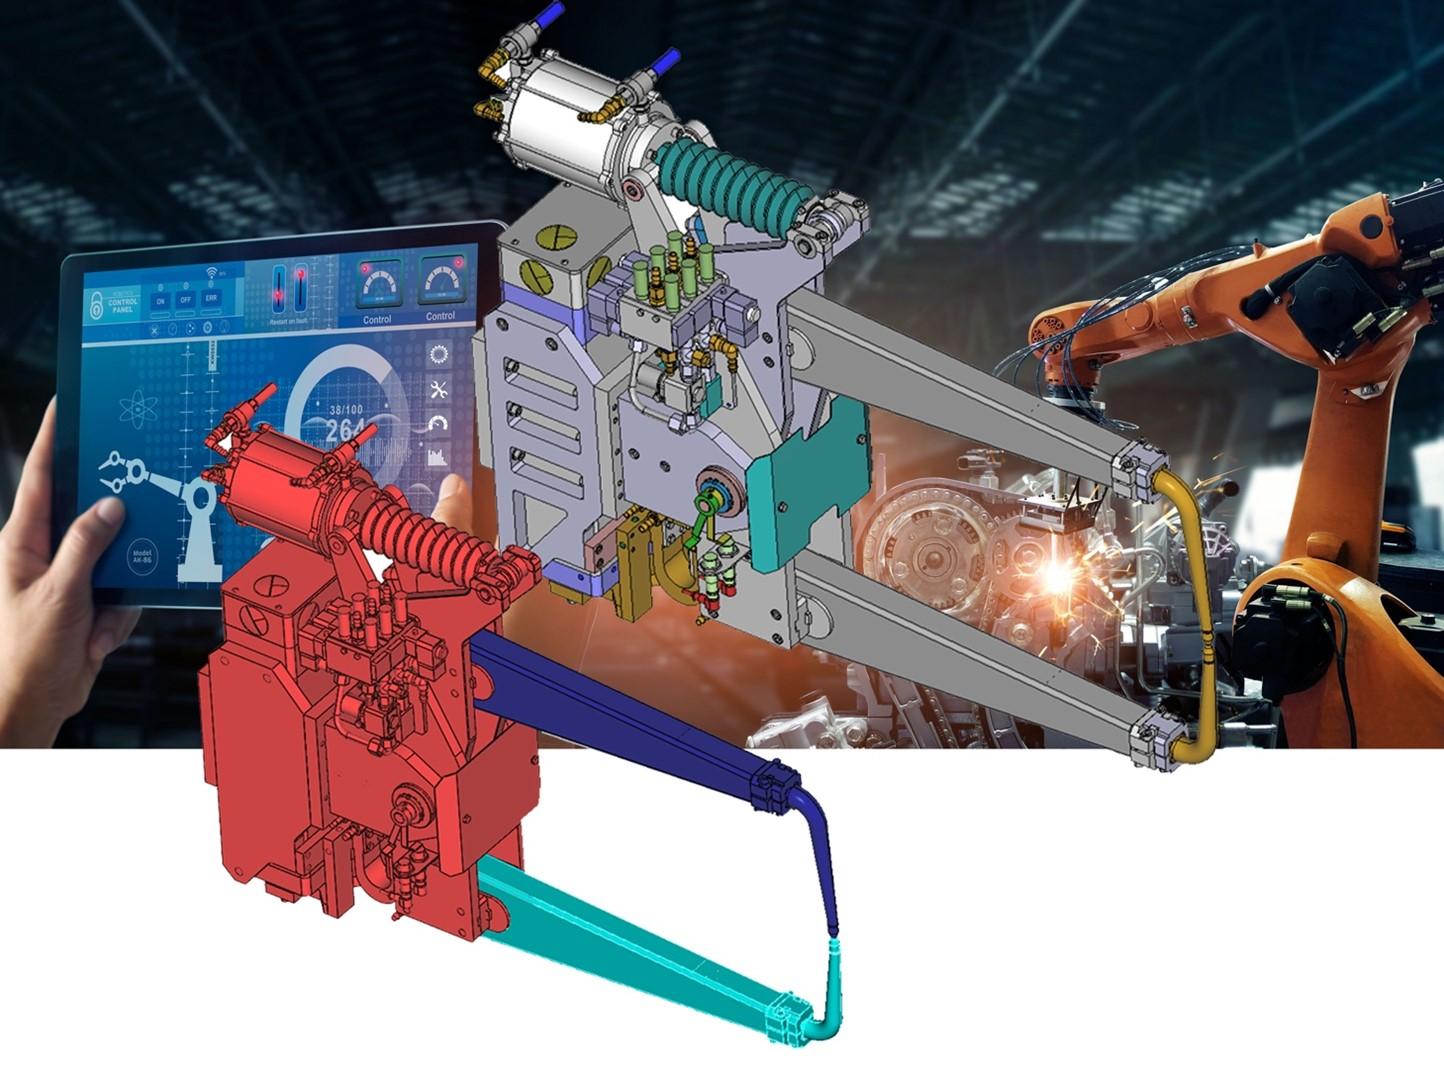 3D_Evolution Simplifier permet une simplification extrême des modèles et des grands assemblages jusqu'à 97% pour la réalité virtuelle, la réalité augmentée et l'usine numérique